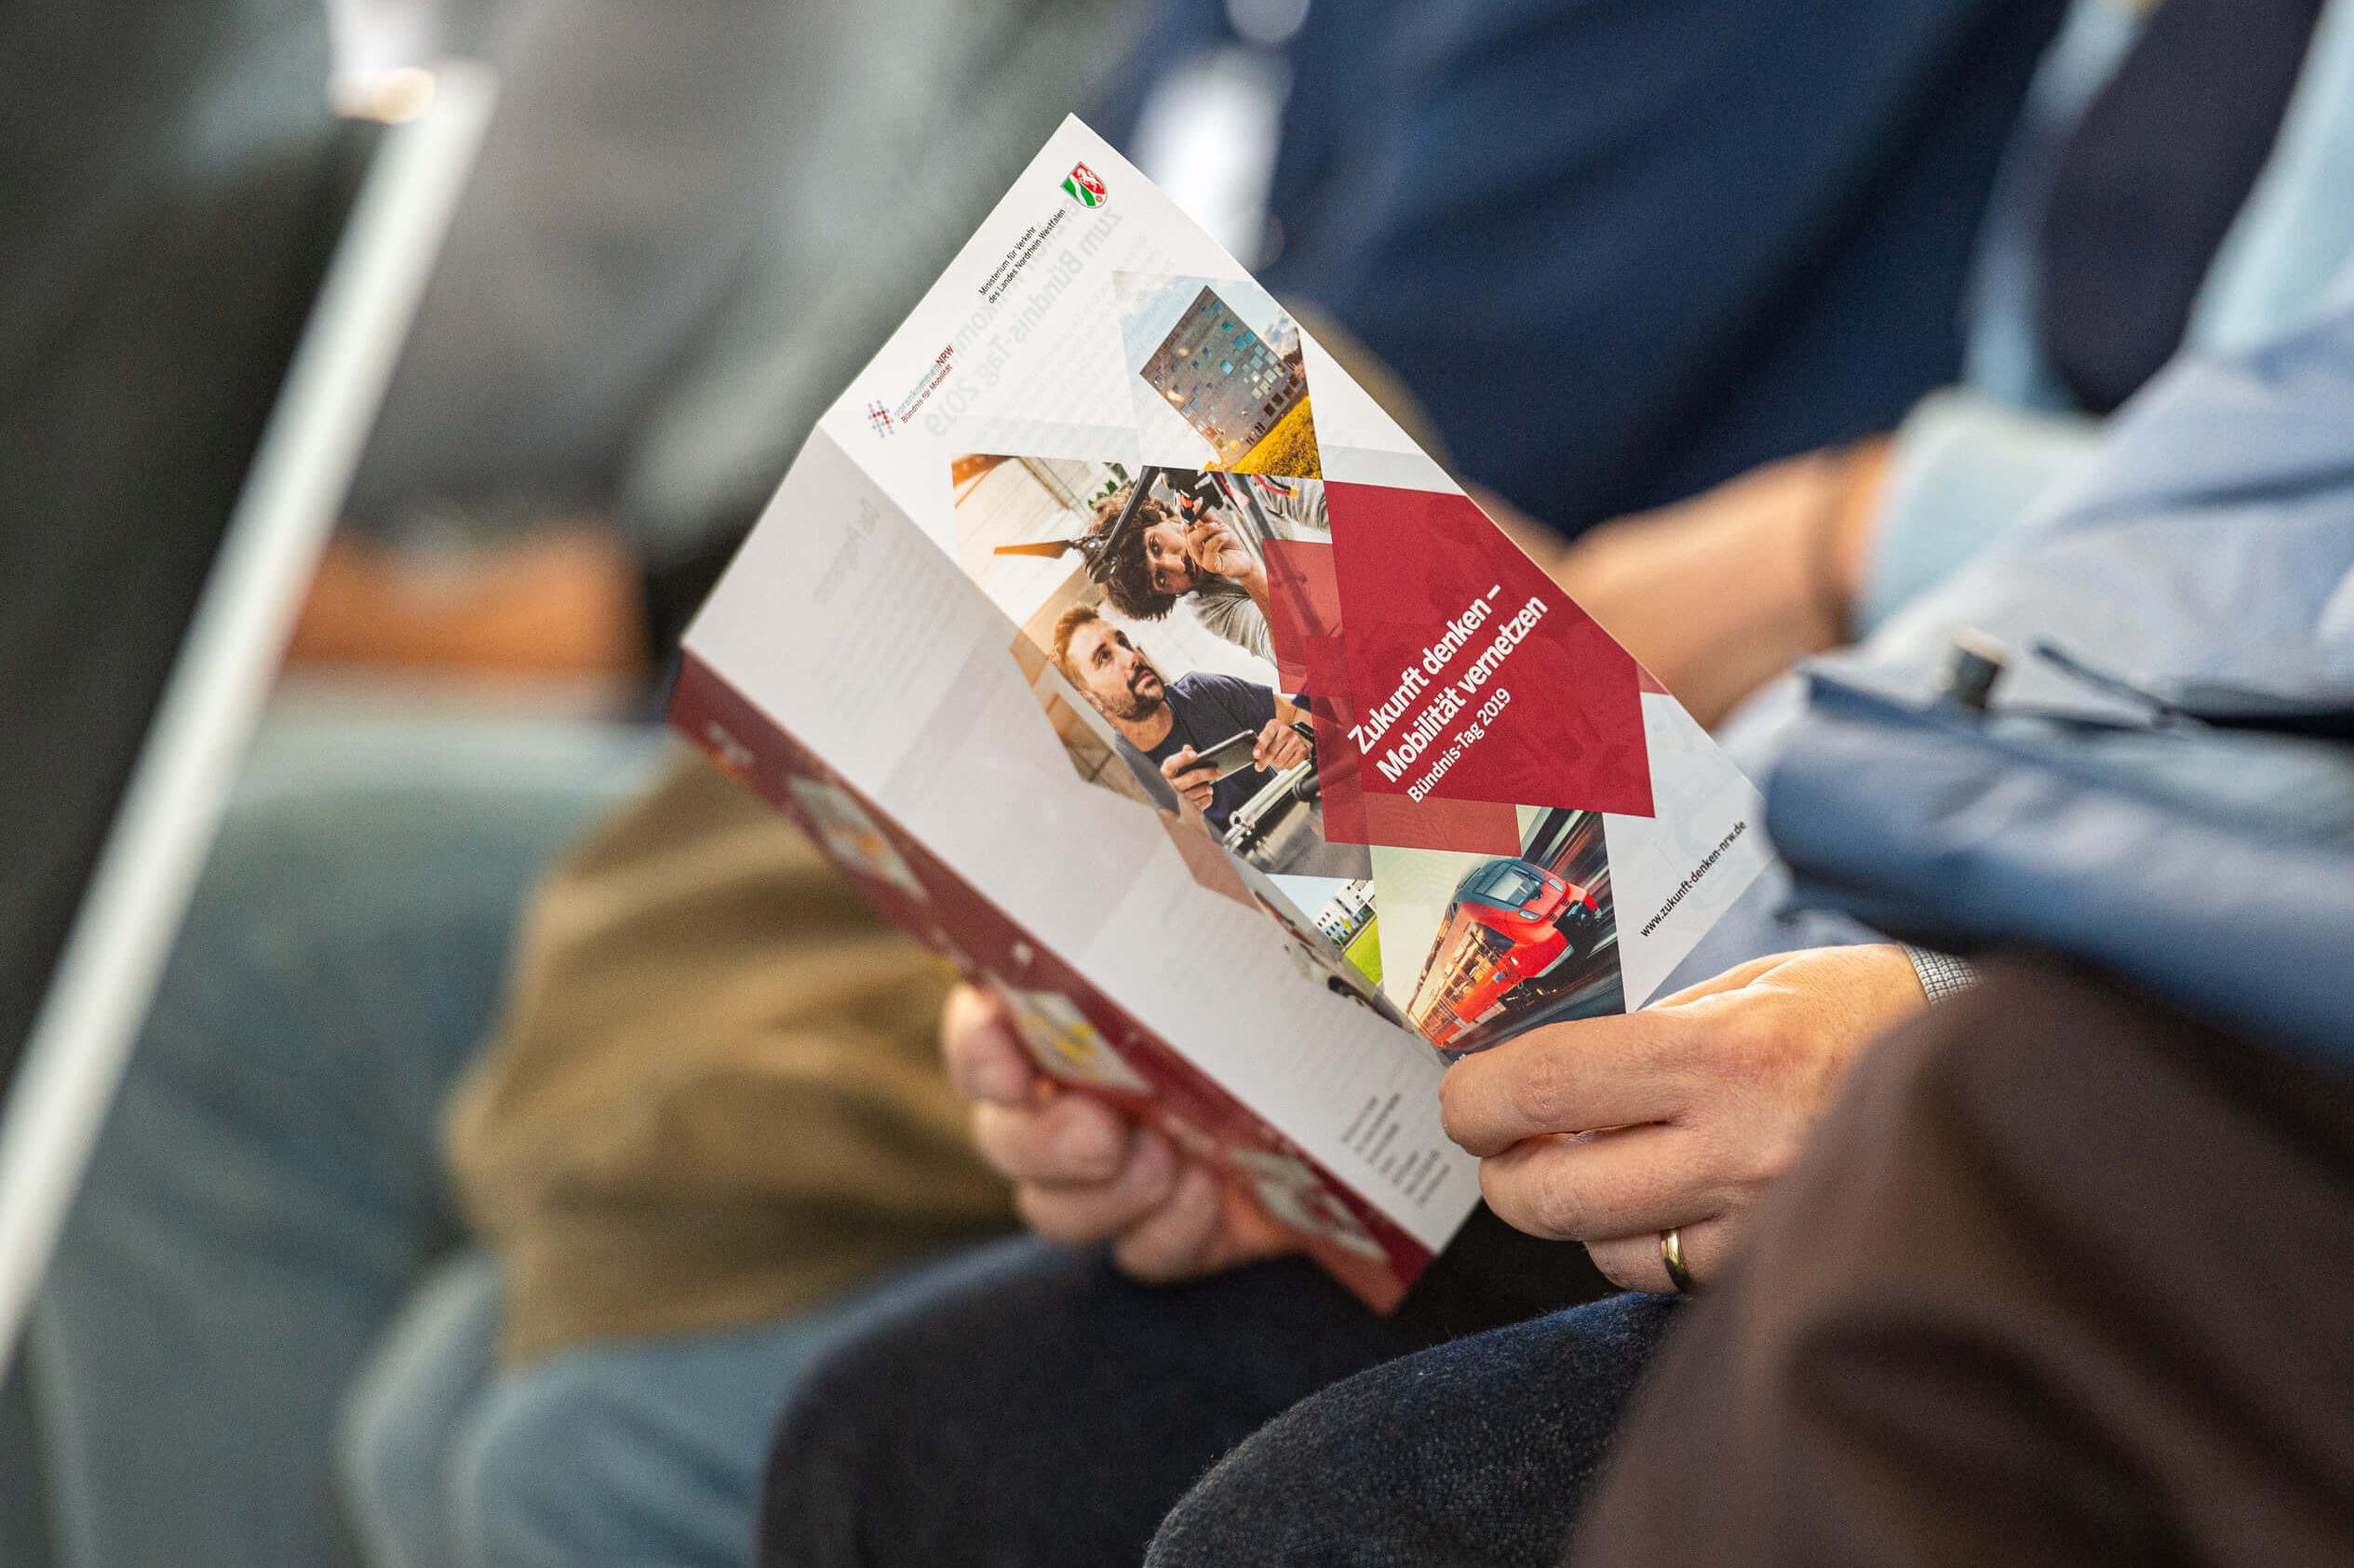 Teilansicht eines Menschen, der ene Broschüre zum Bündnis Tag liest.